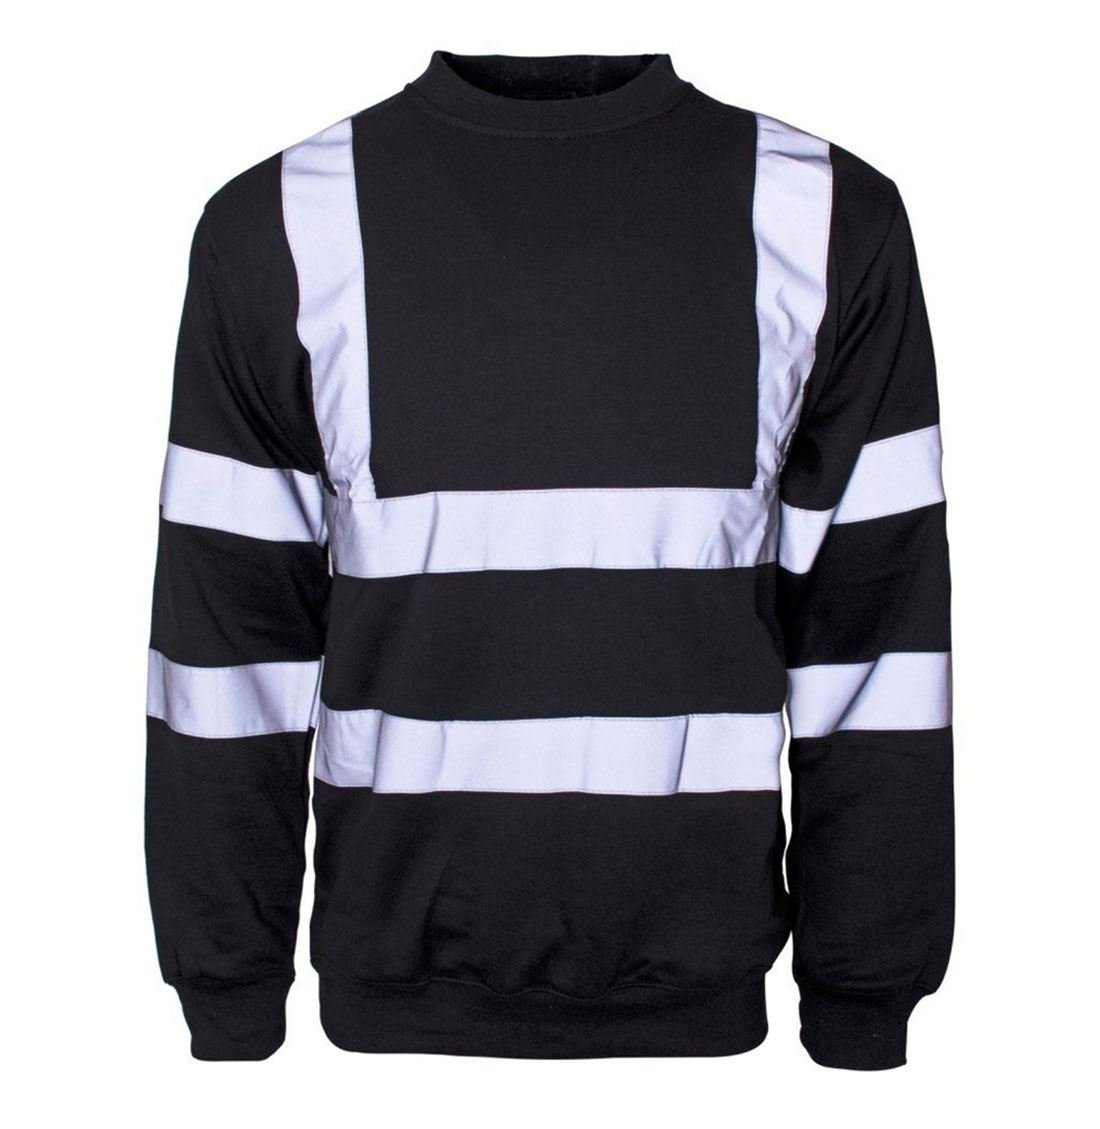 Mens Long Sleeve Hi Vis Sweatshirt with Ribbed Hem Neck Adults Work Wear Top Black Medium